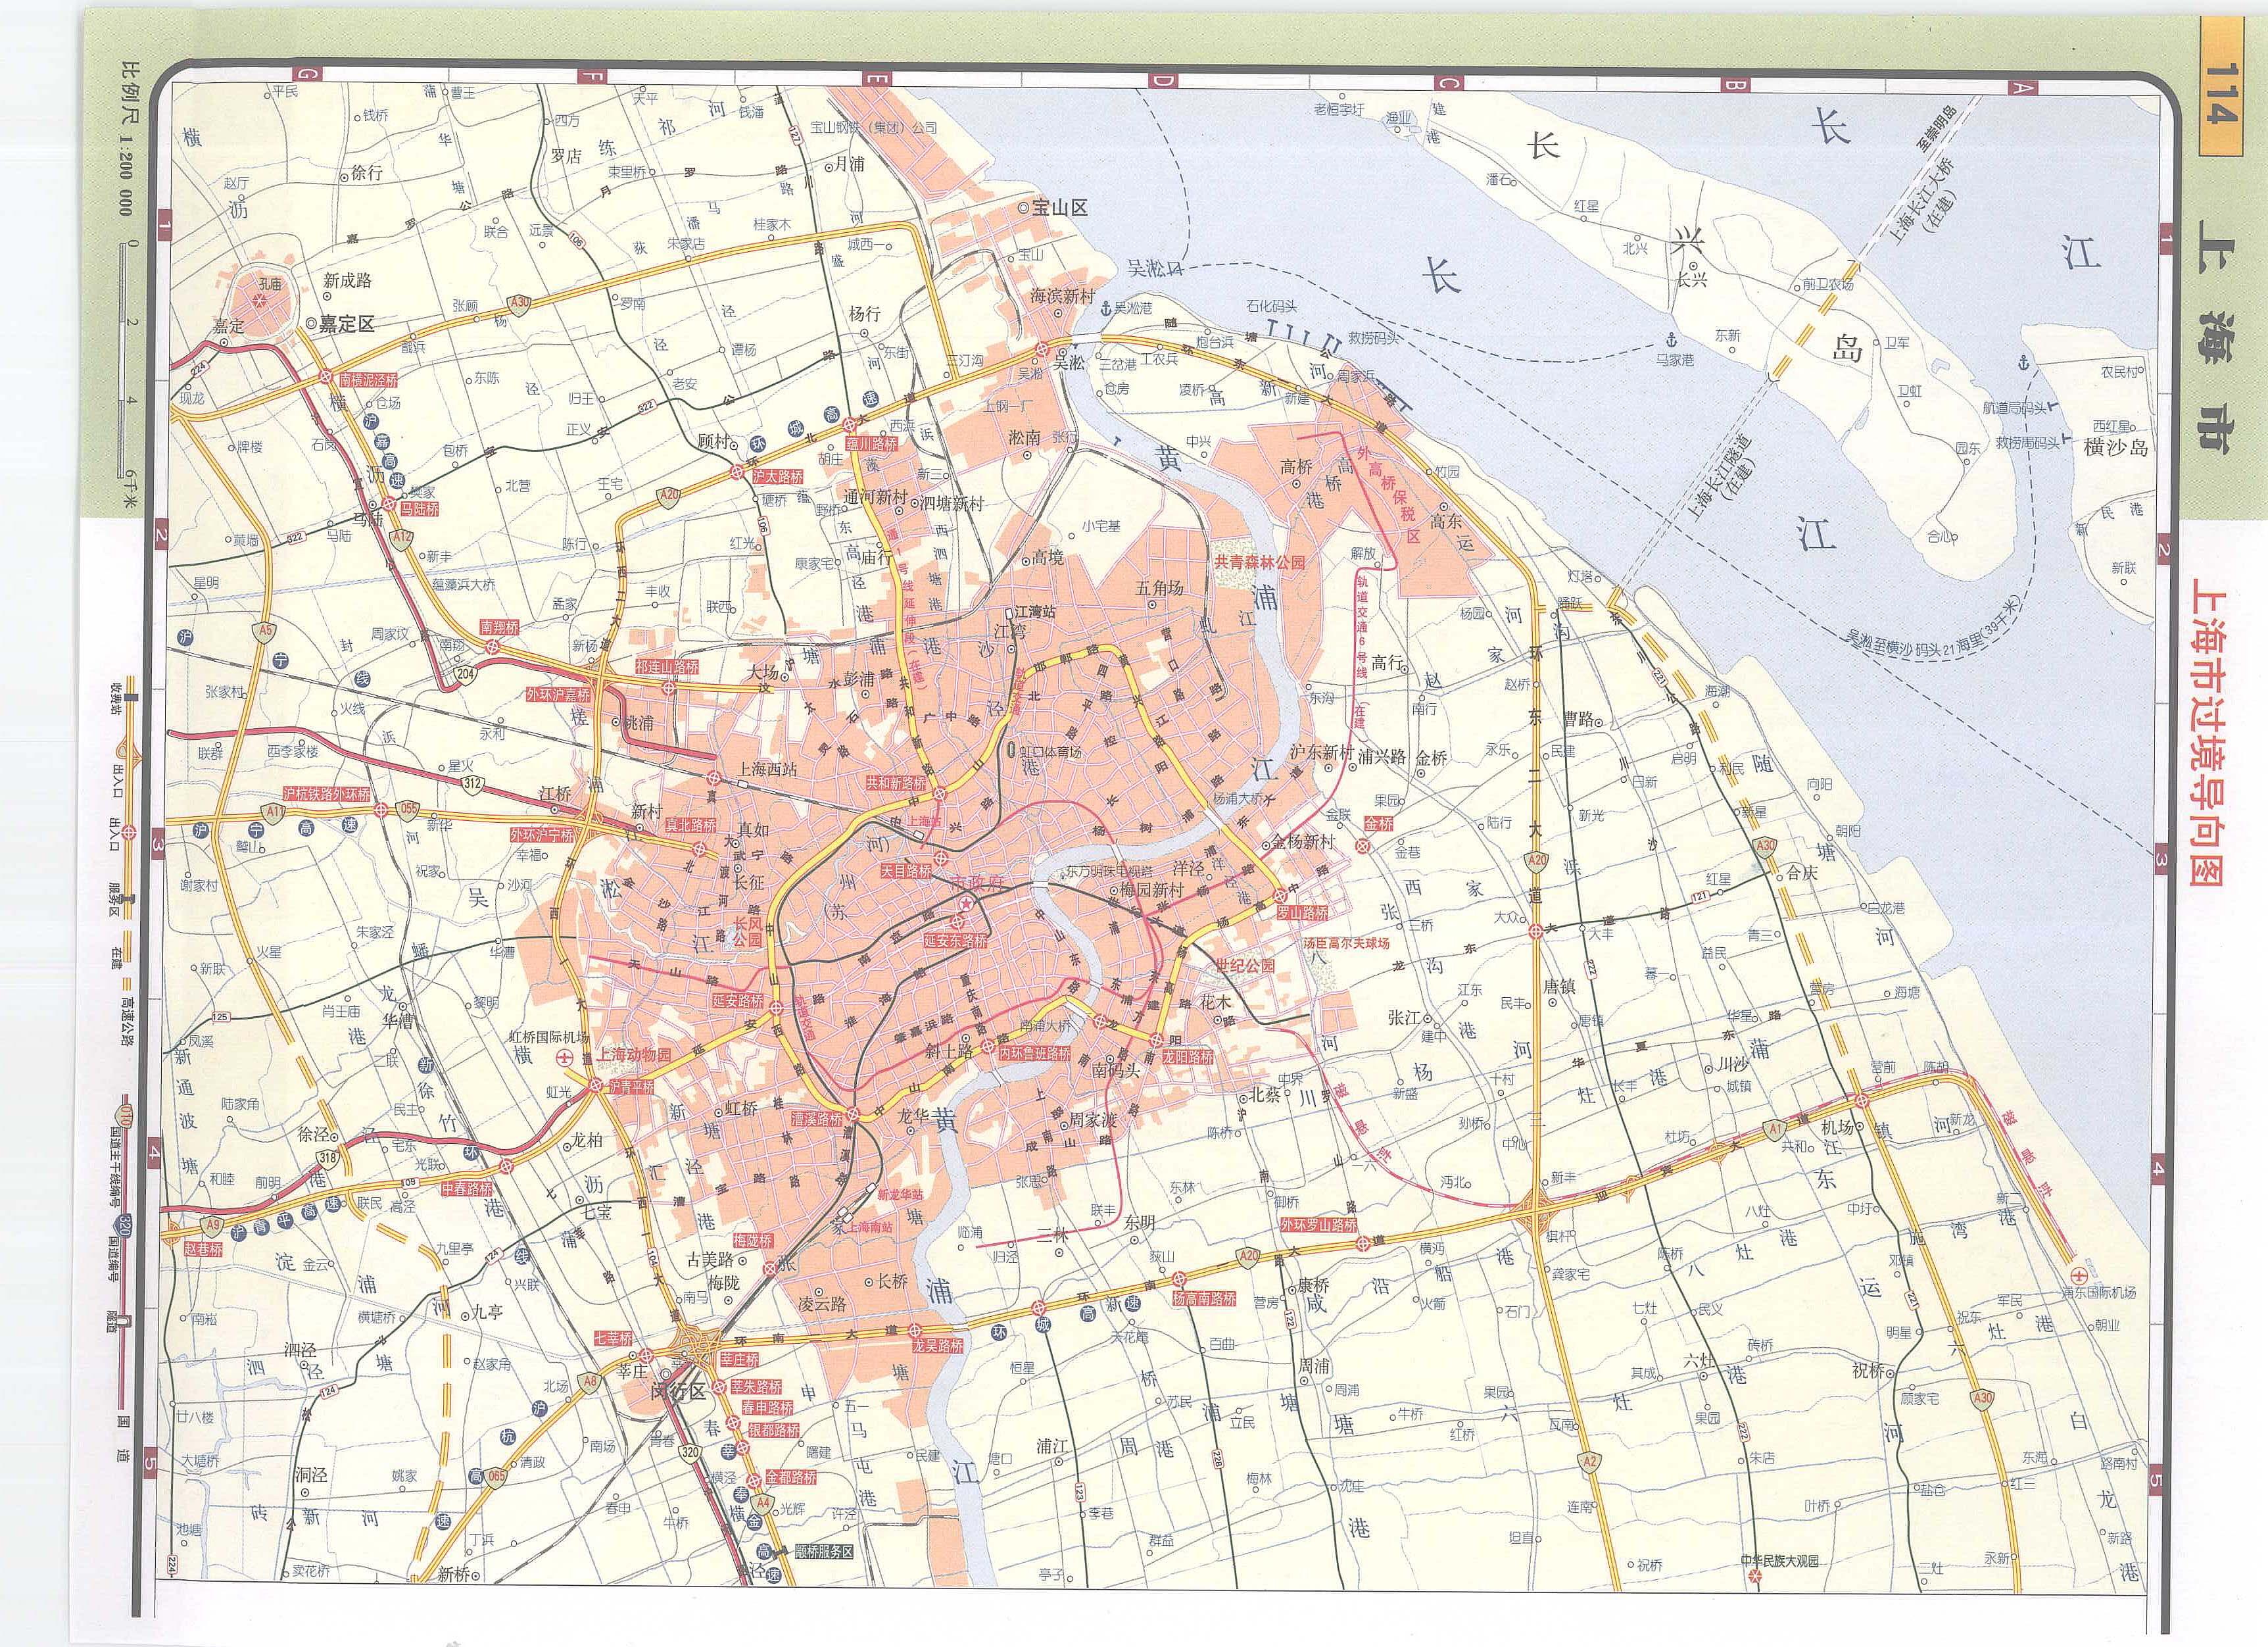 上海市交通地图高清全图_上海地图全图可放大